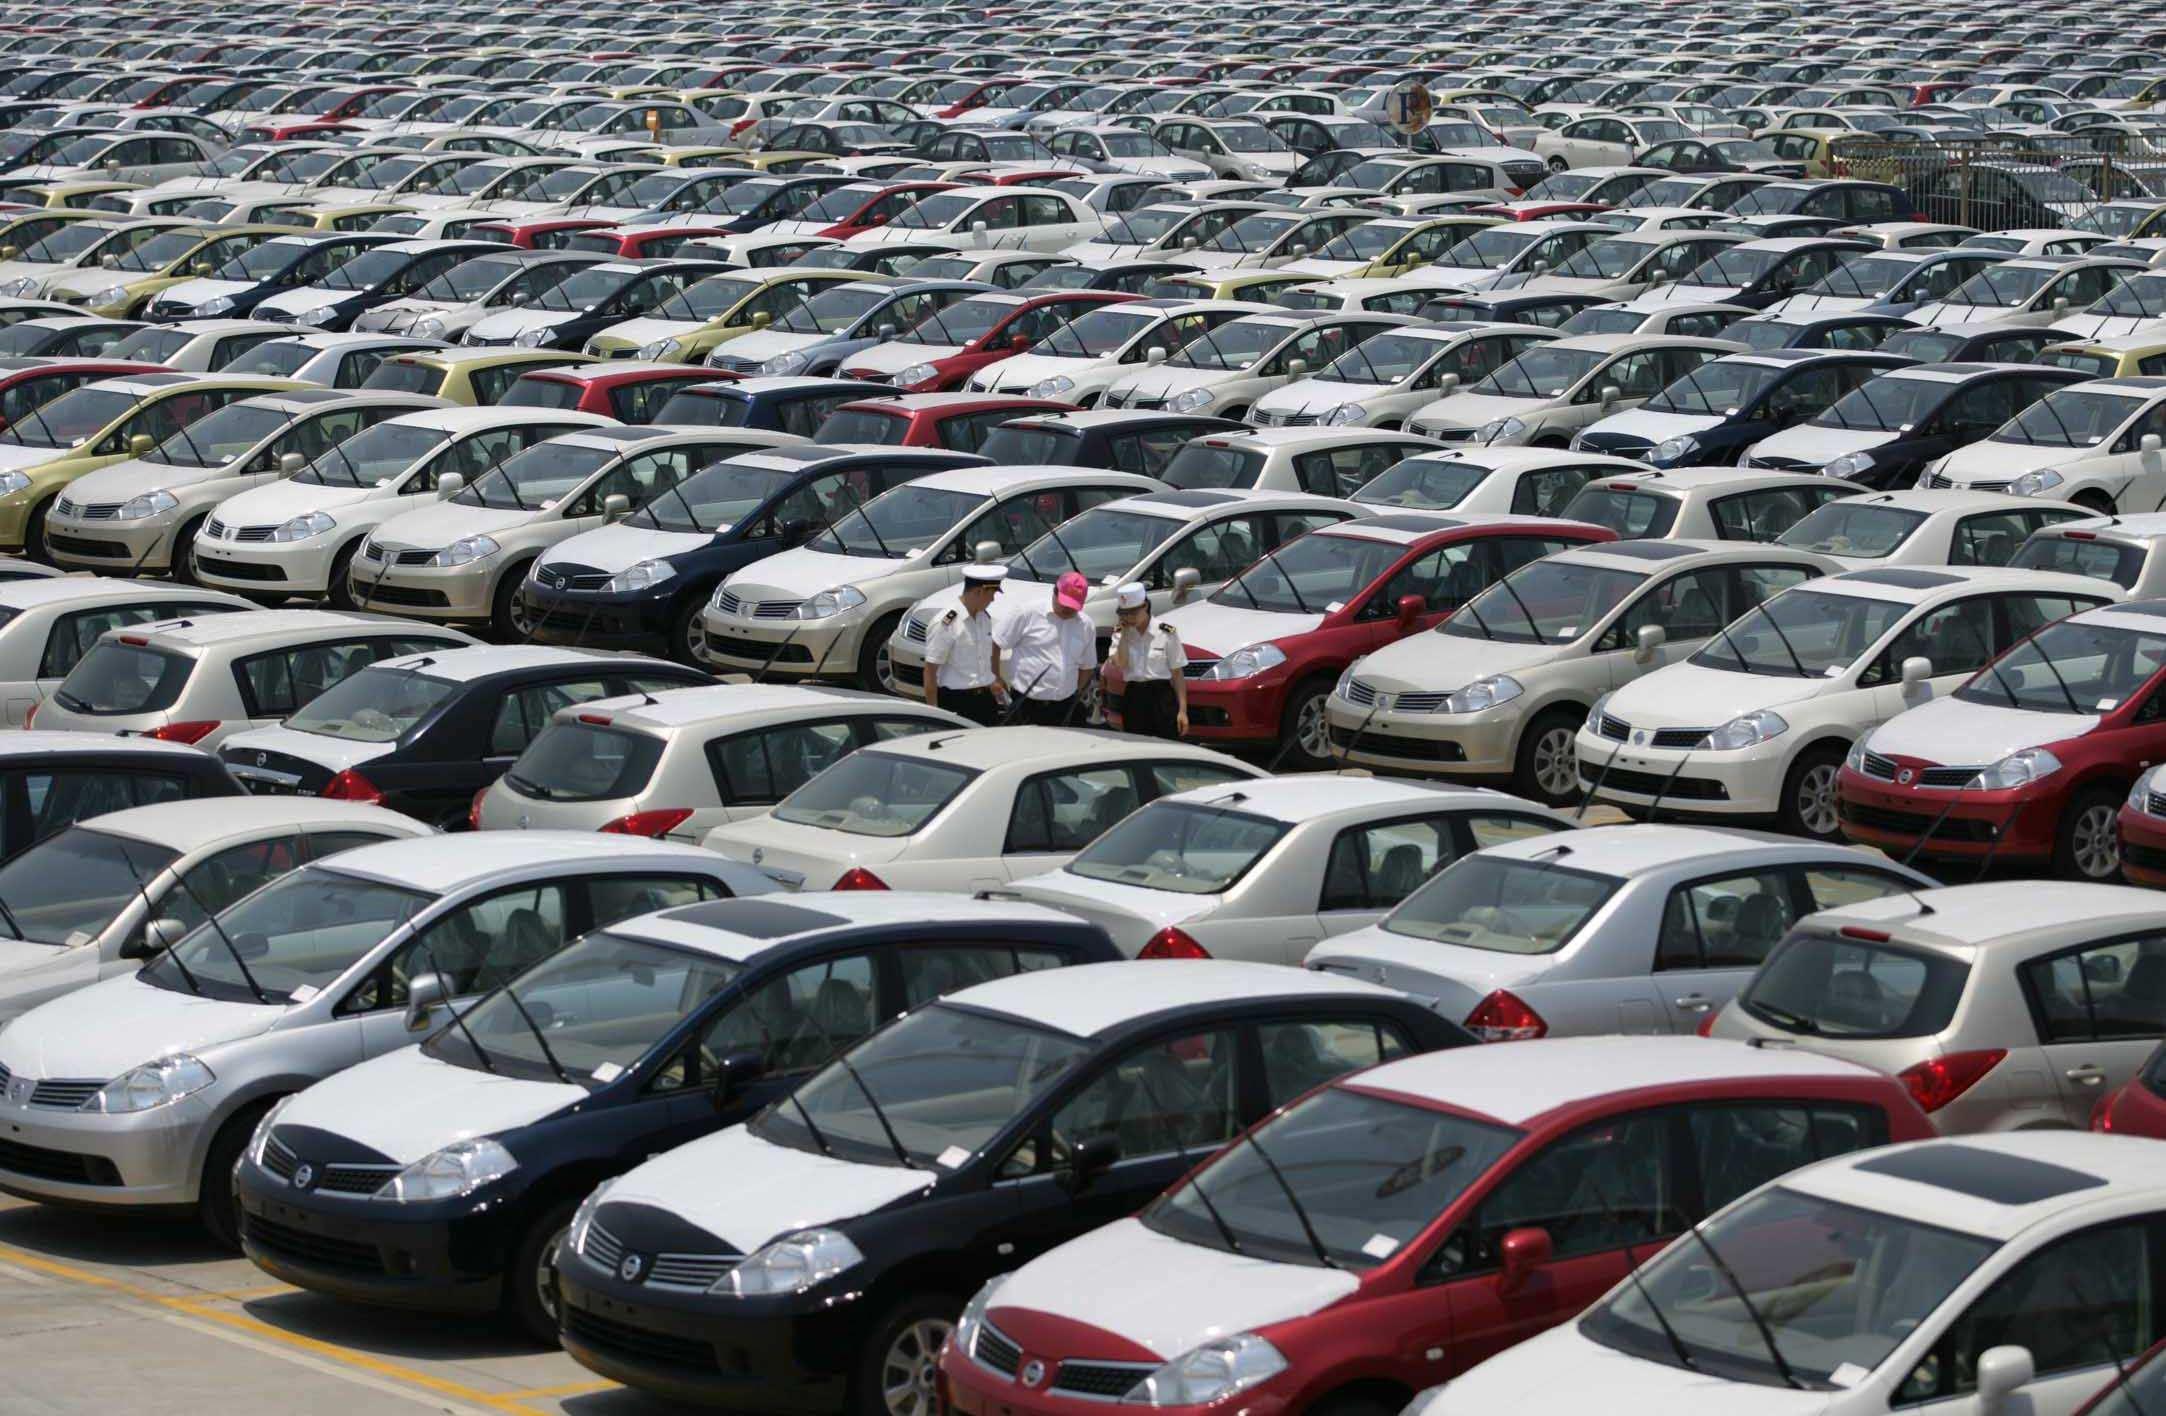 宝能系清盘资管计划套现约270亿 发力新能源汽车